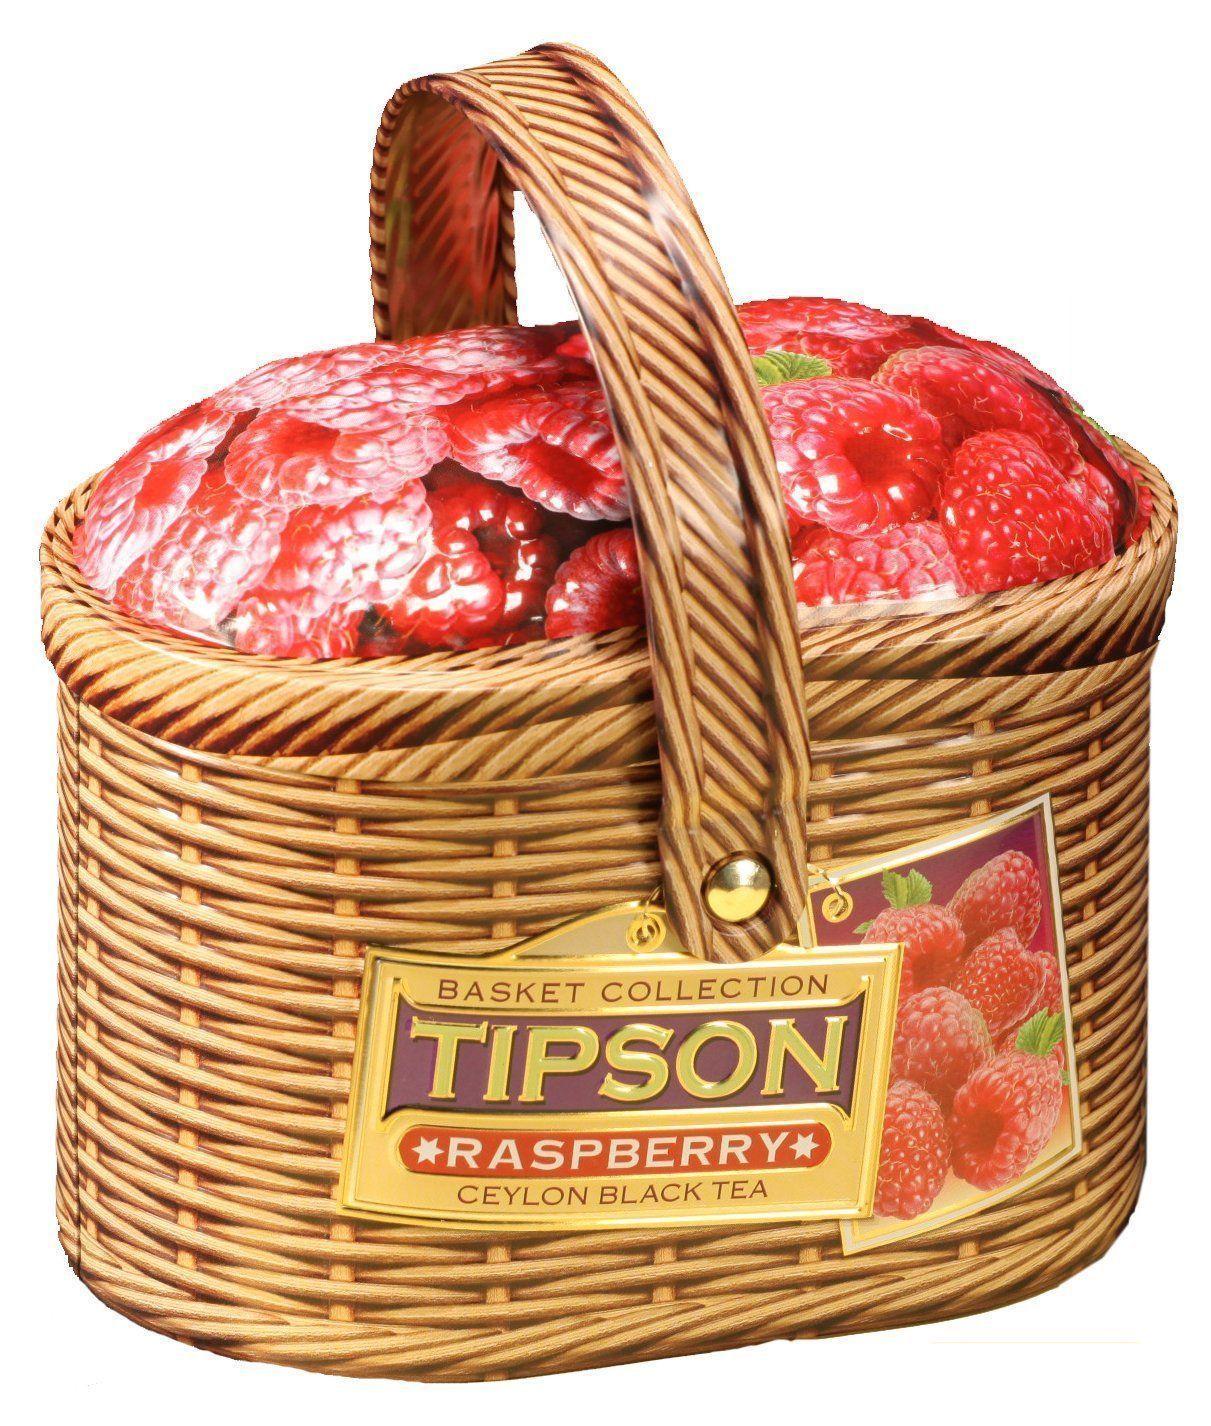 Чай Tipson. Черный Малина лукошко (100 г)Чай в подарок<br>Чай черный цейлонский байховый листовой с кусочками папайи и ароматом малины, 100 гр., ж/б.Необычный вкус чая  Tipson делает его отличным подарком к любому празднику.<br><br>Год: 2015<br>Высота: 100<br>Ширина: 180<br>Толщина: 70